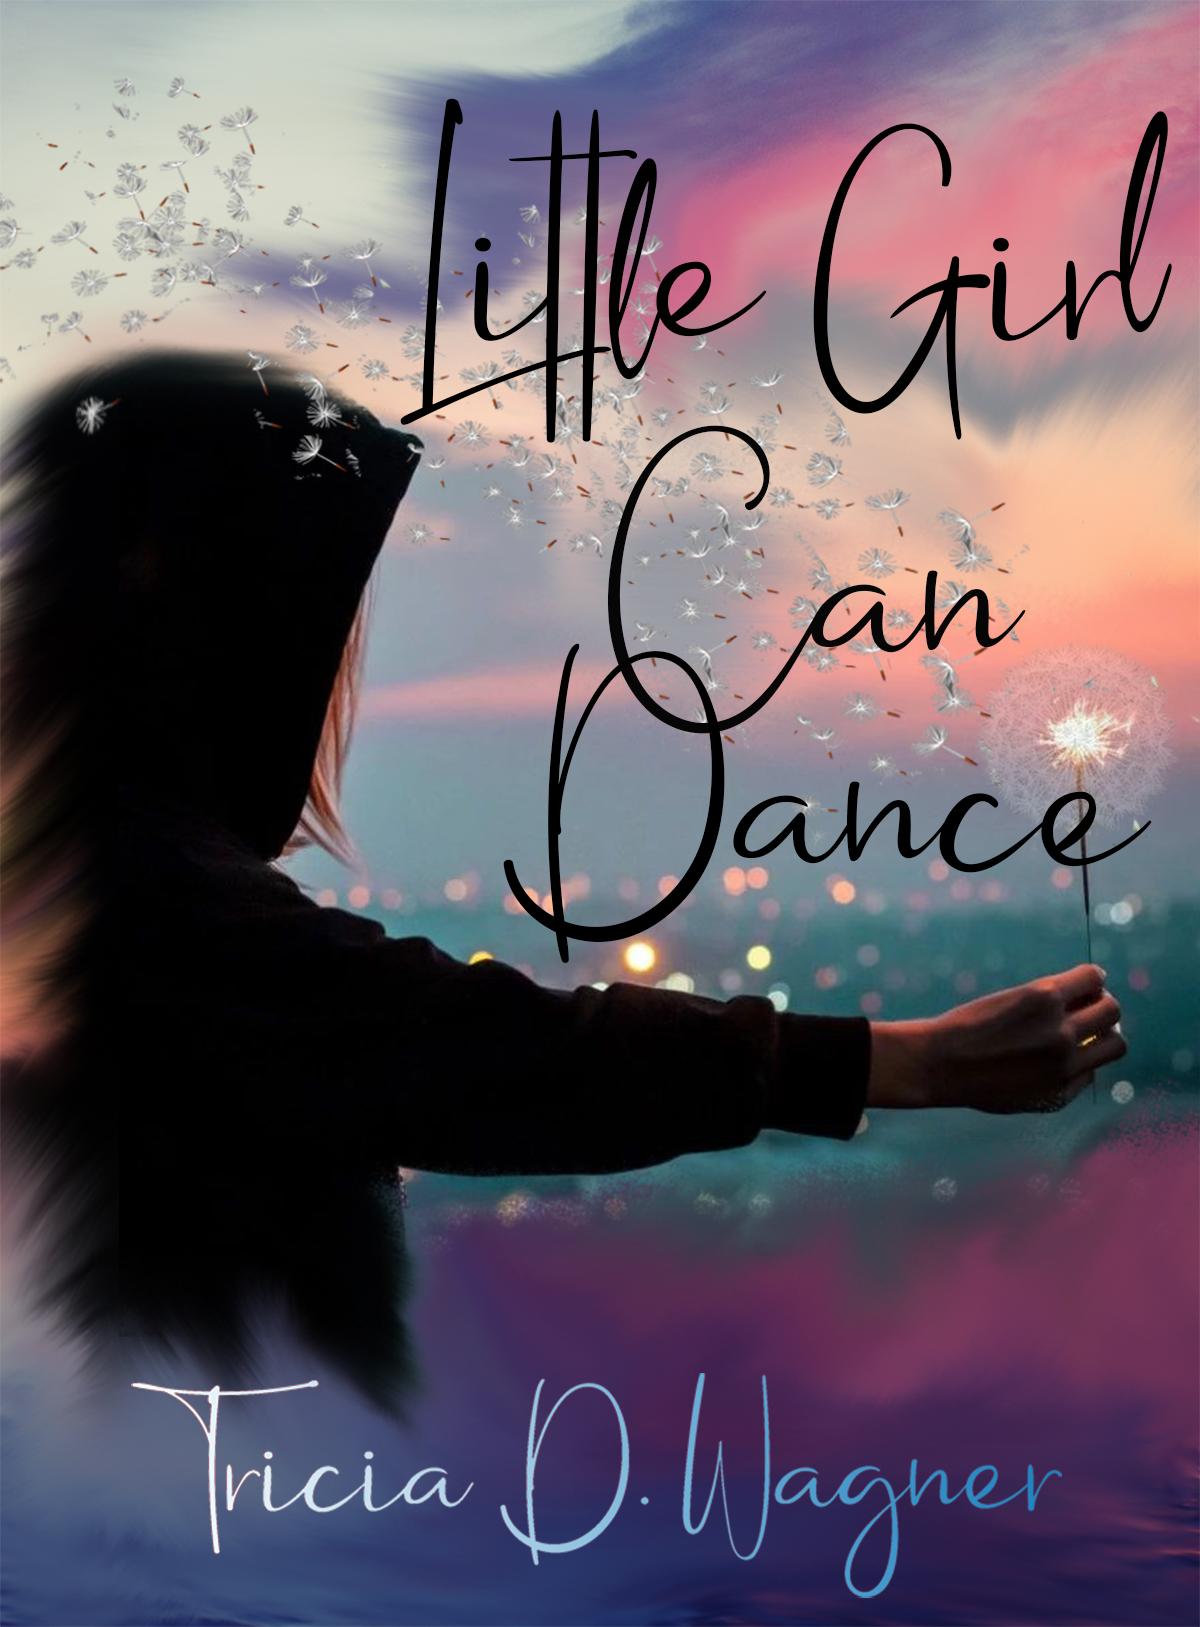 Little-Girl-Can-Dance.JPG.jpg